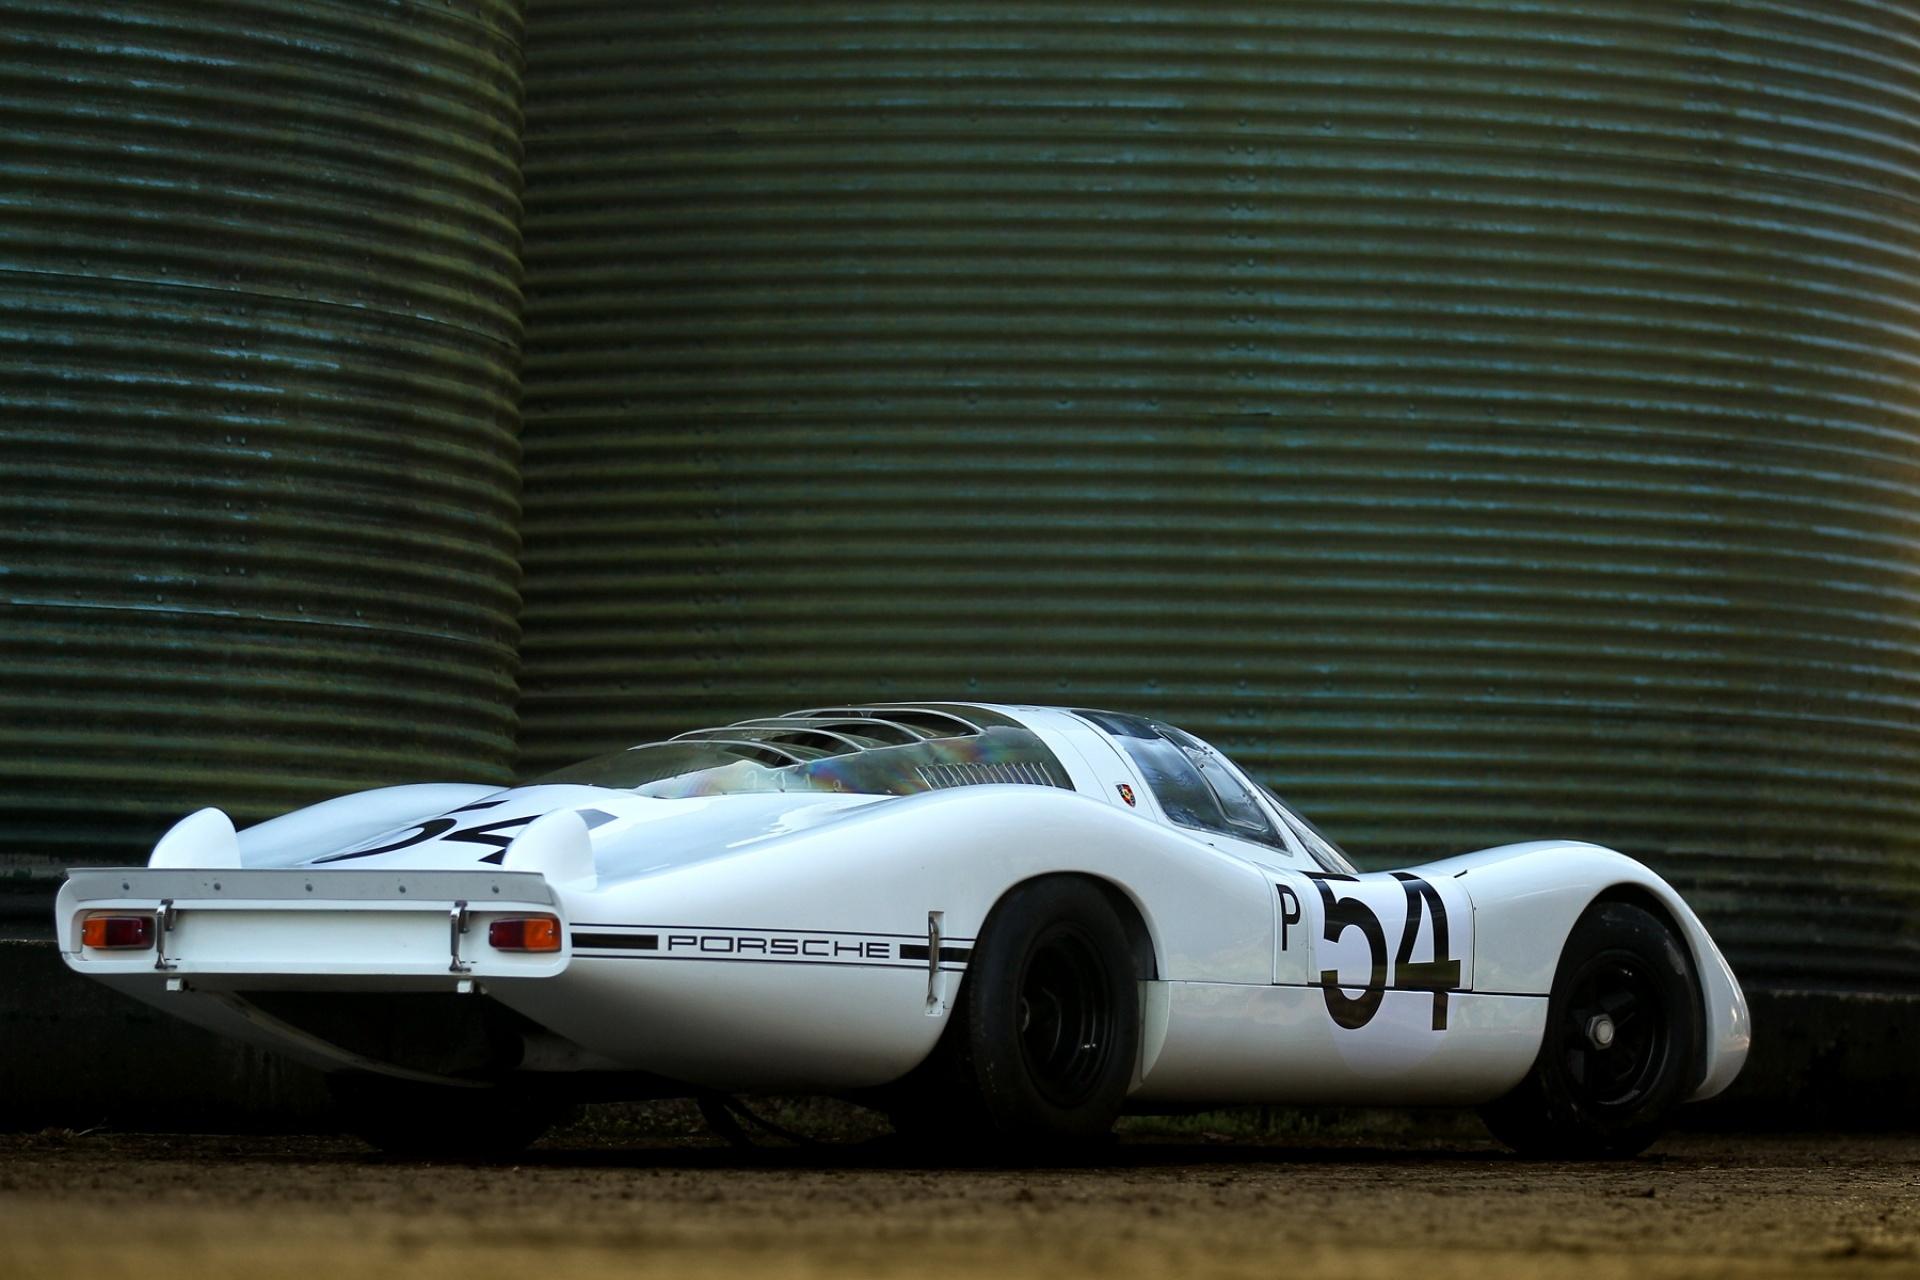 Porsche 907 Wallpapers